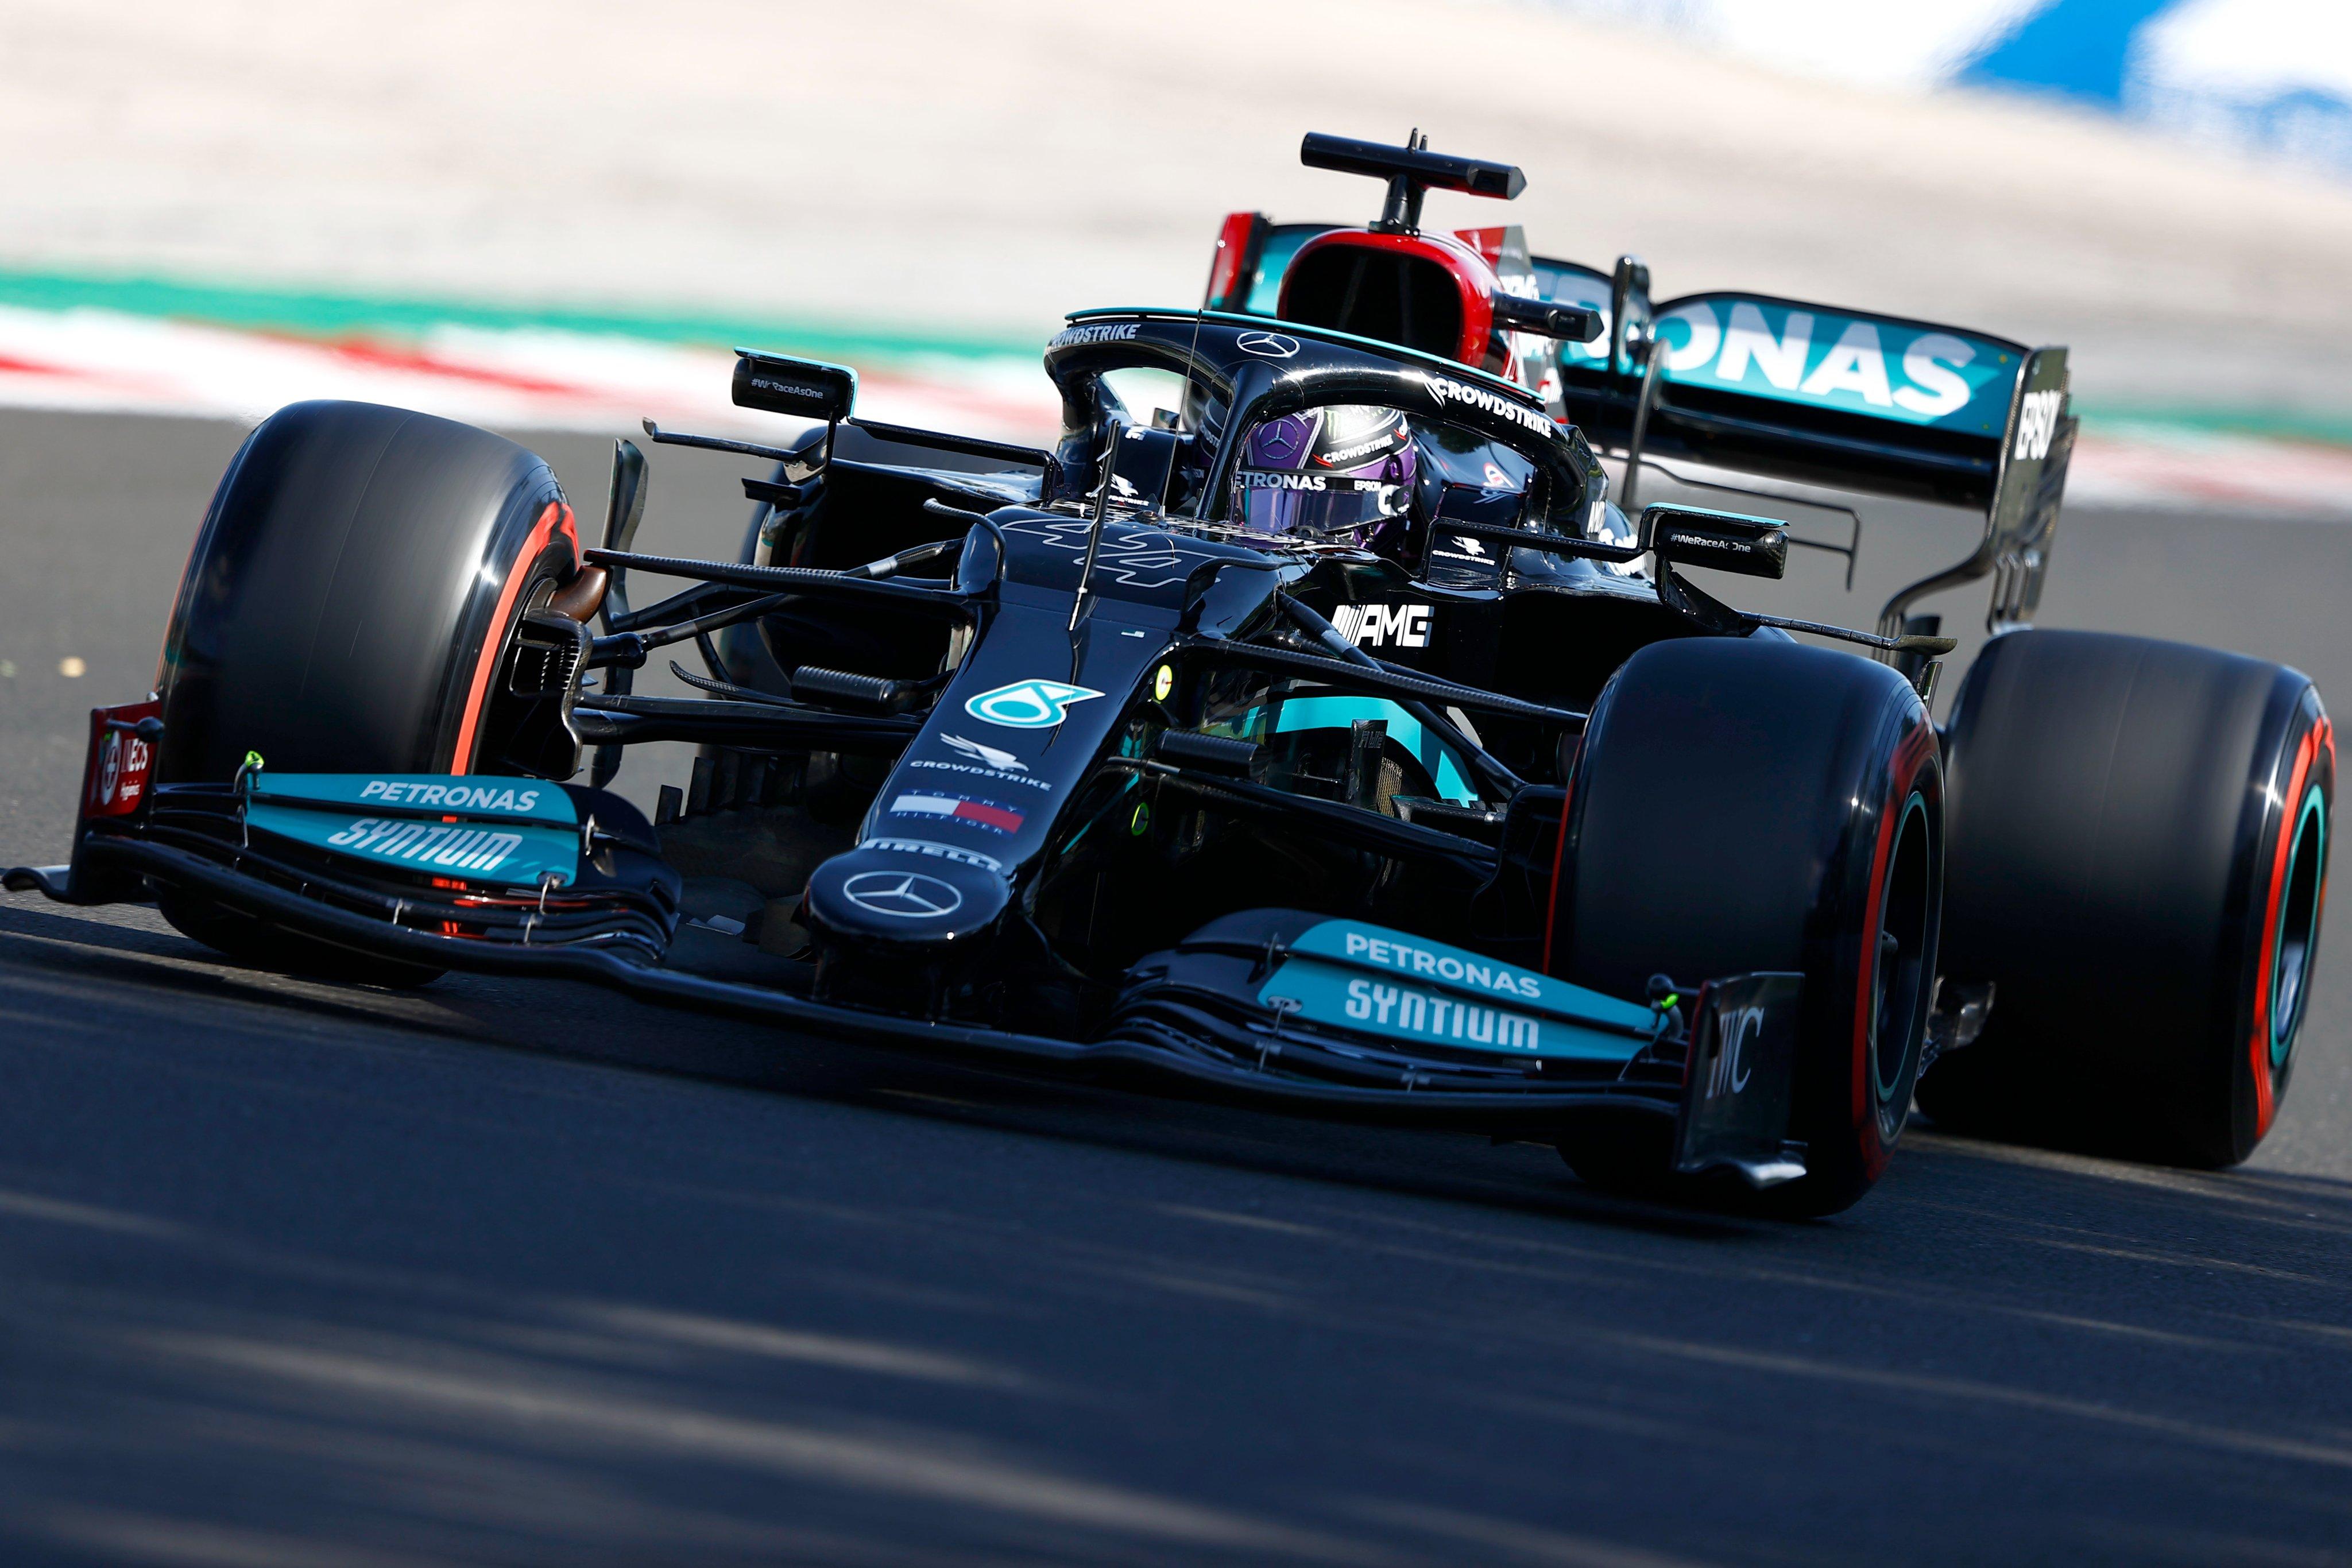 Domingo en Hungría – Mercedes: Hamilton acaba tercero; Bottas abandona y penalizará en Bélgica